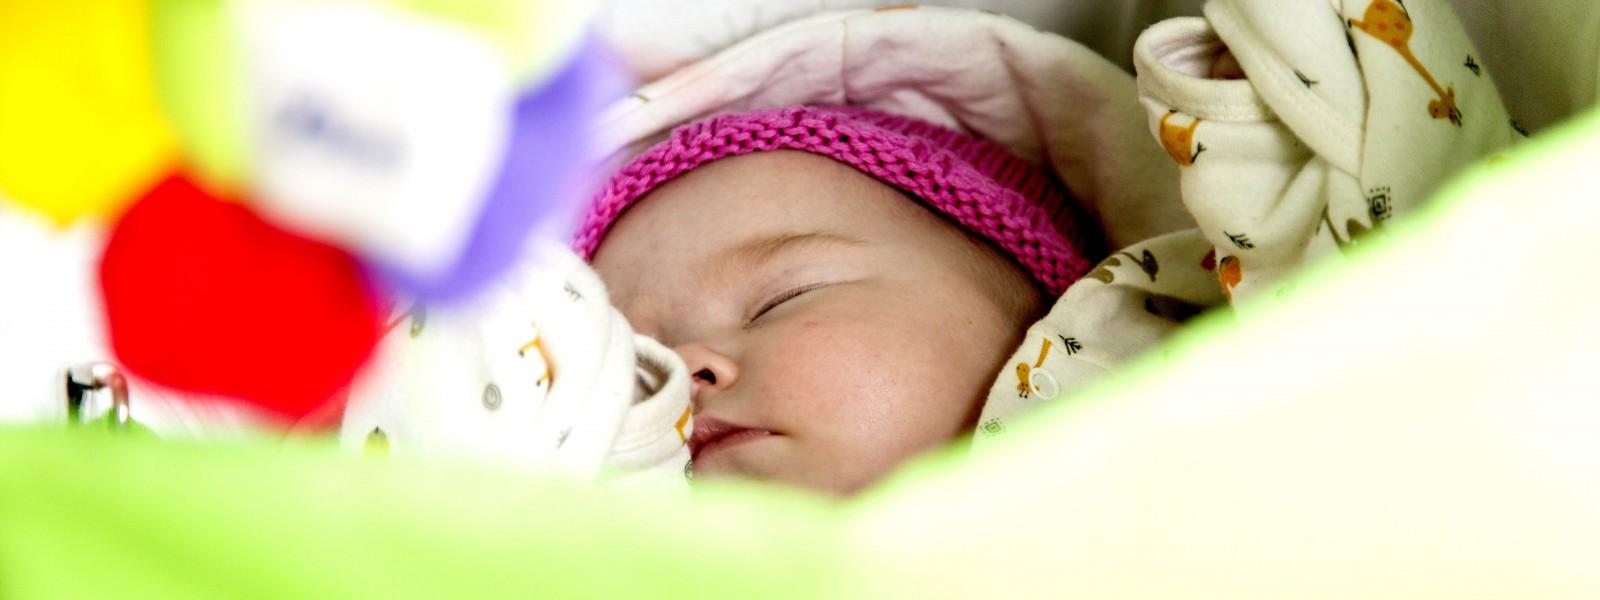 7 viikkoinen vauva kehitys